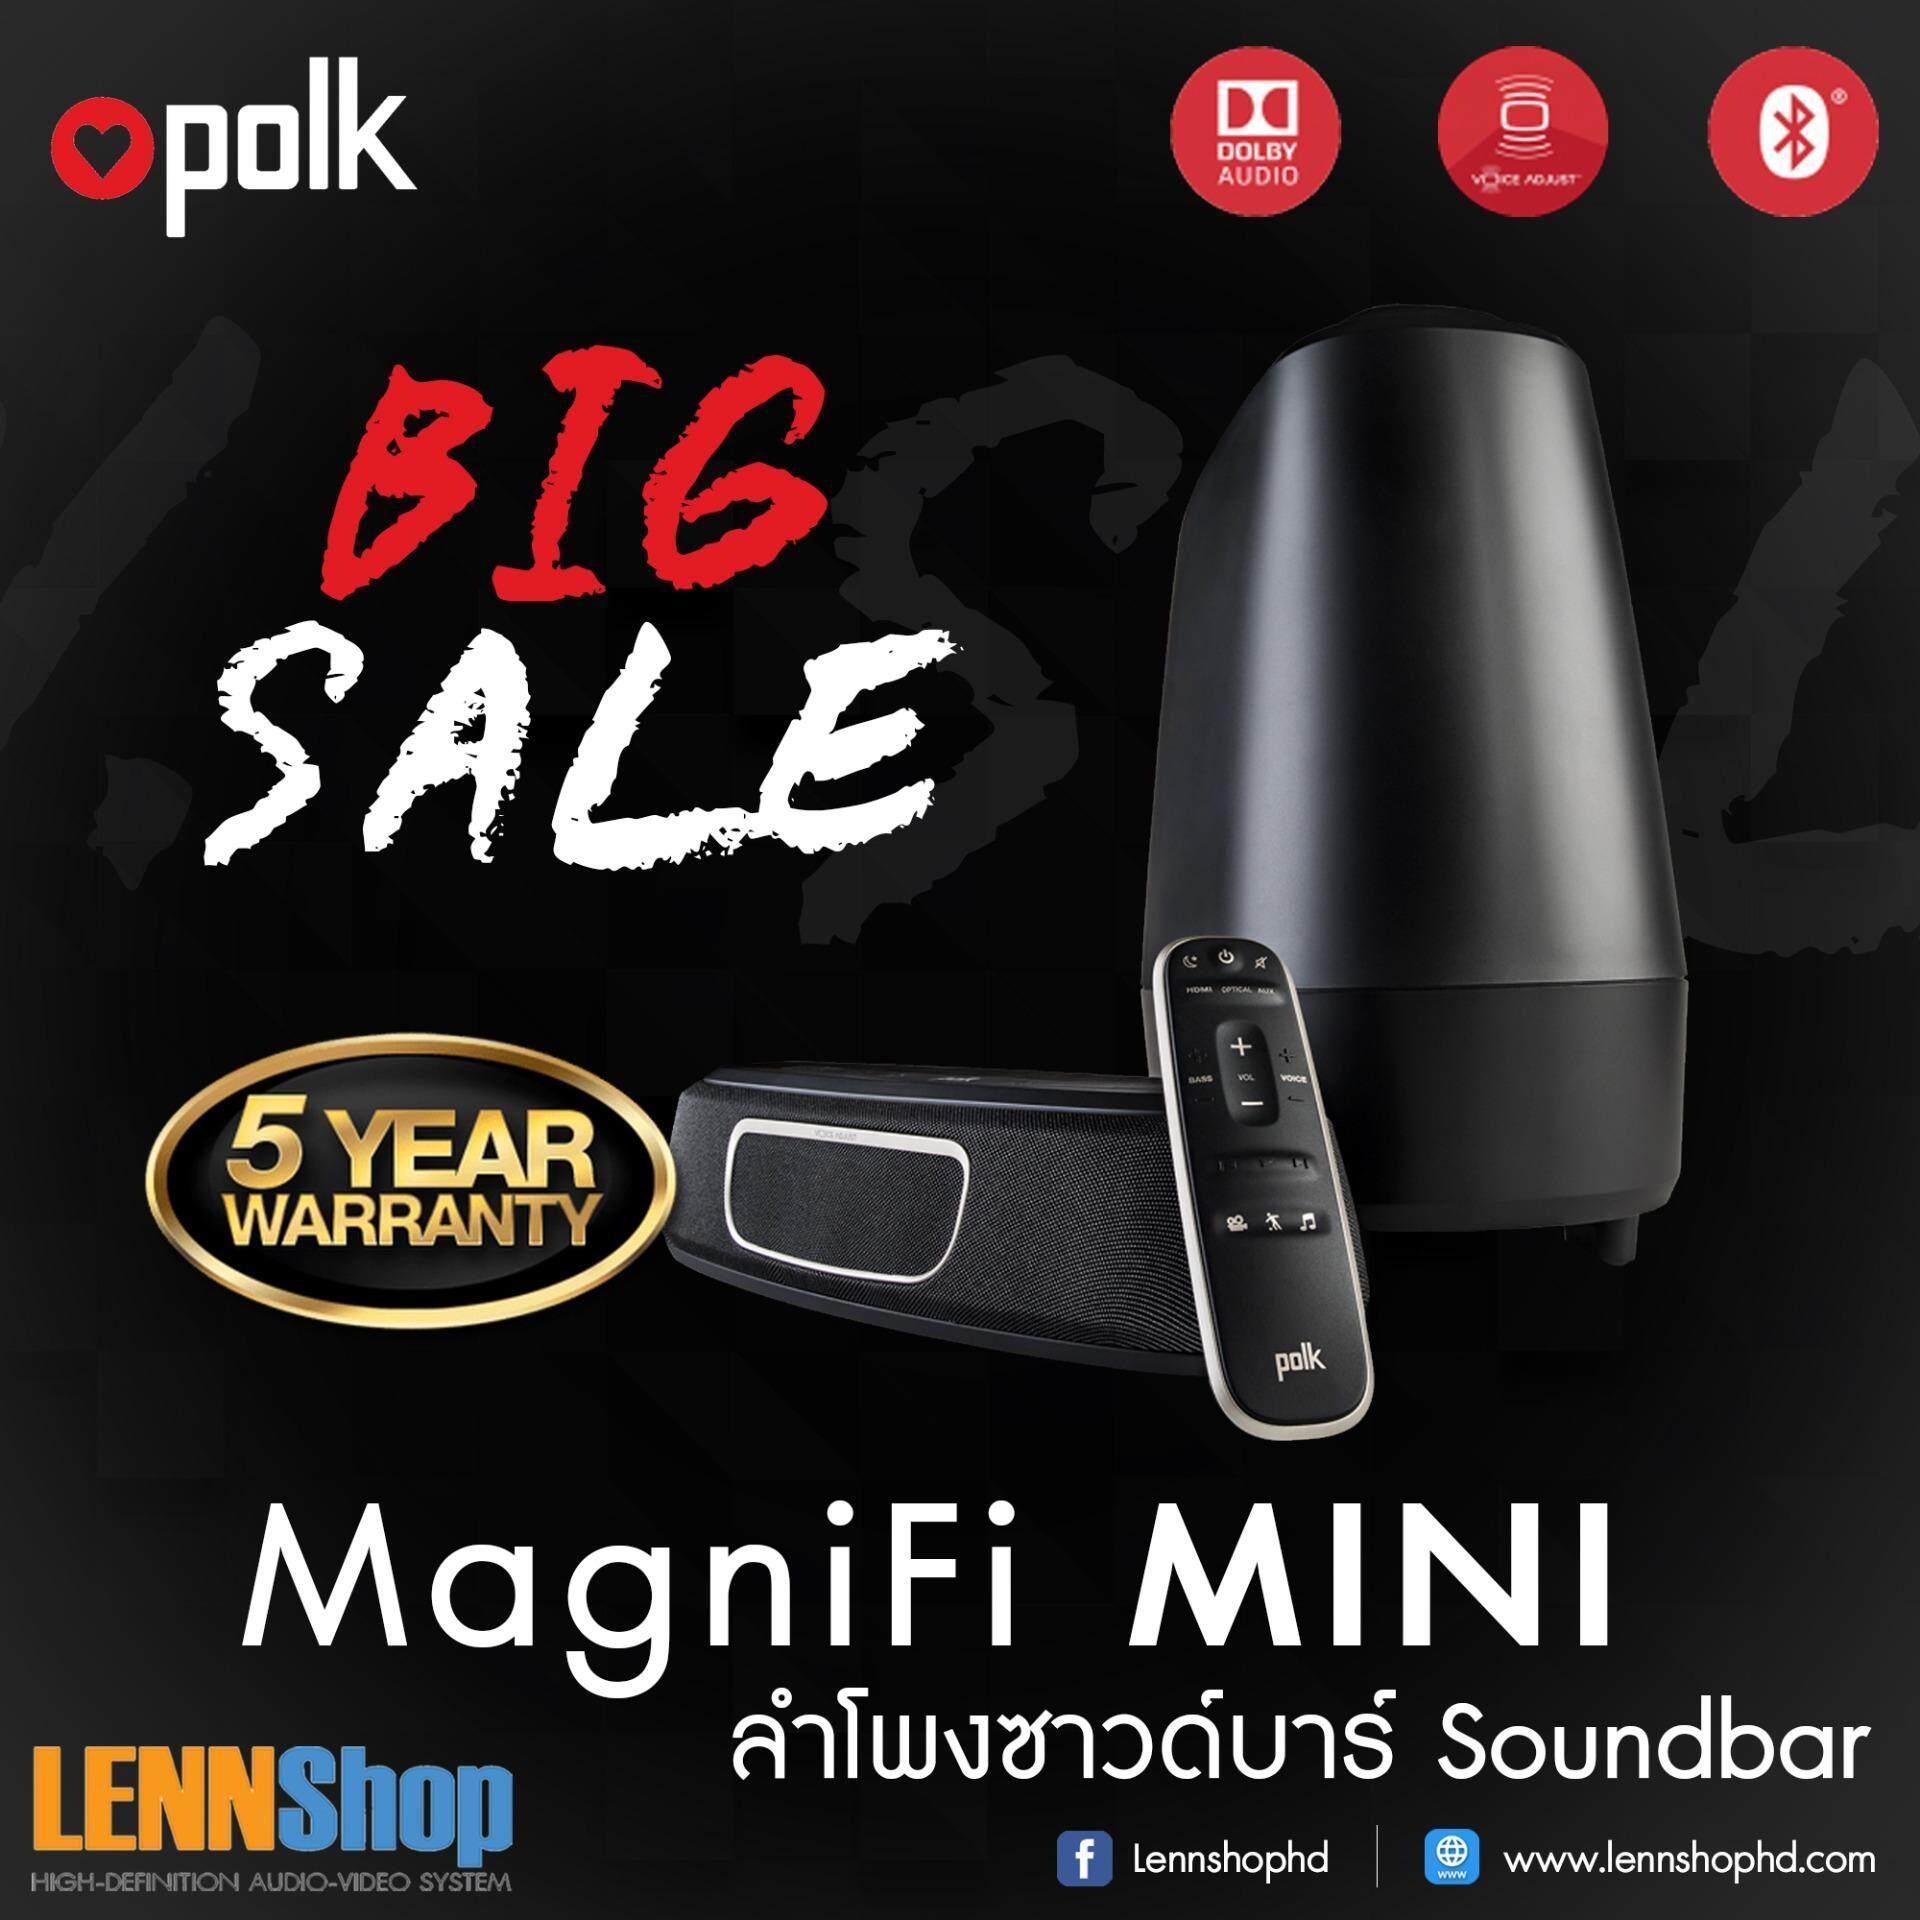 ยี่ห้อนี้ดีไหม  นครพนม POLK MagniFi Mini Soundbar with Wireless Subwoofer and Bluetooth รับประกัน 5ปี ศูนย์ POWER BUY จัดจำหน่ายโดย LENNSHOP ตัวแทนจำหน่ายเป็นทางการ